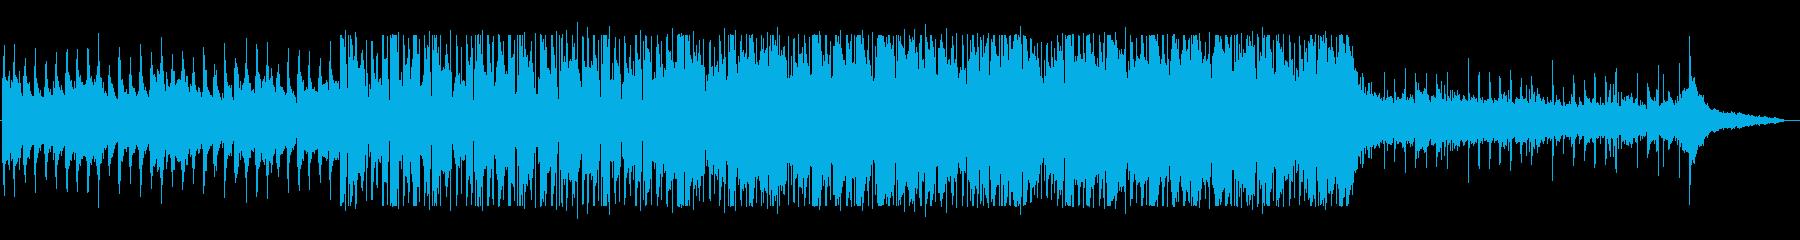 ゆるふわエレクトロサウンドの再生済みの波形